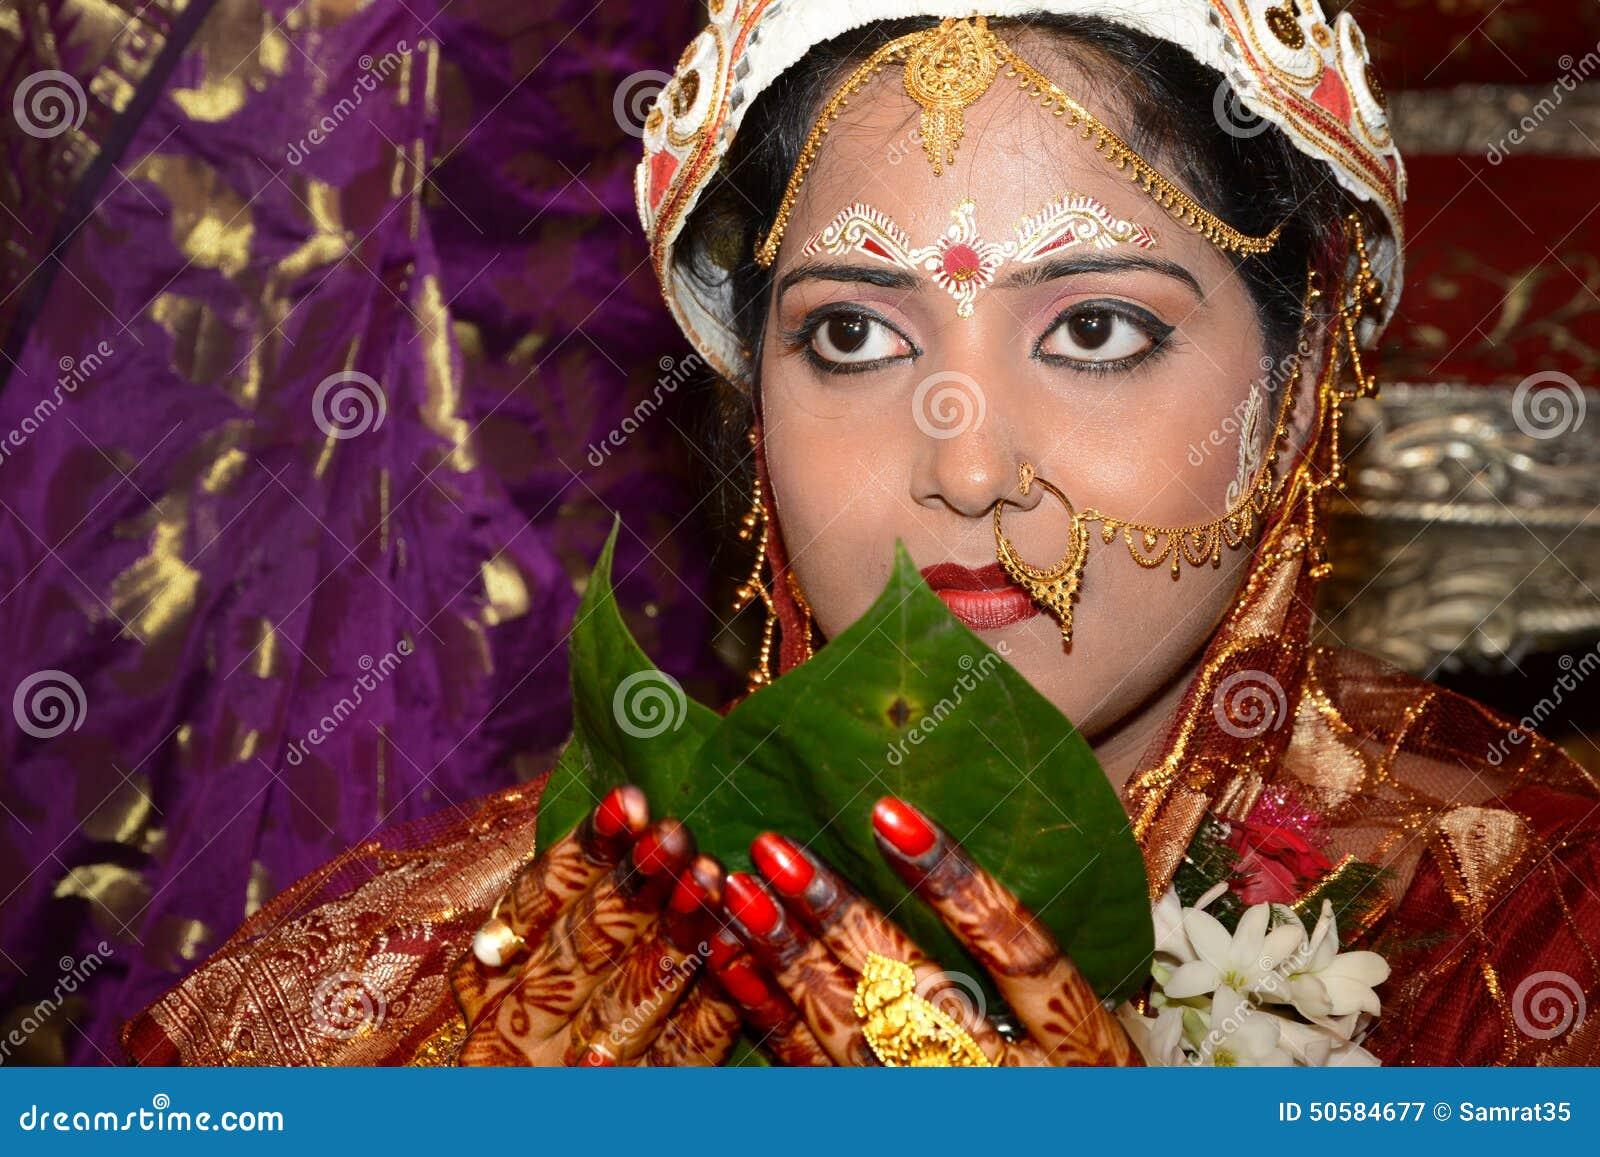 bengali closeup